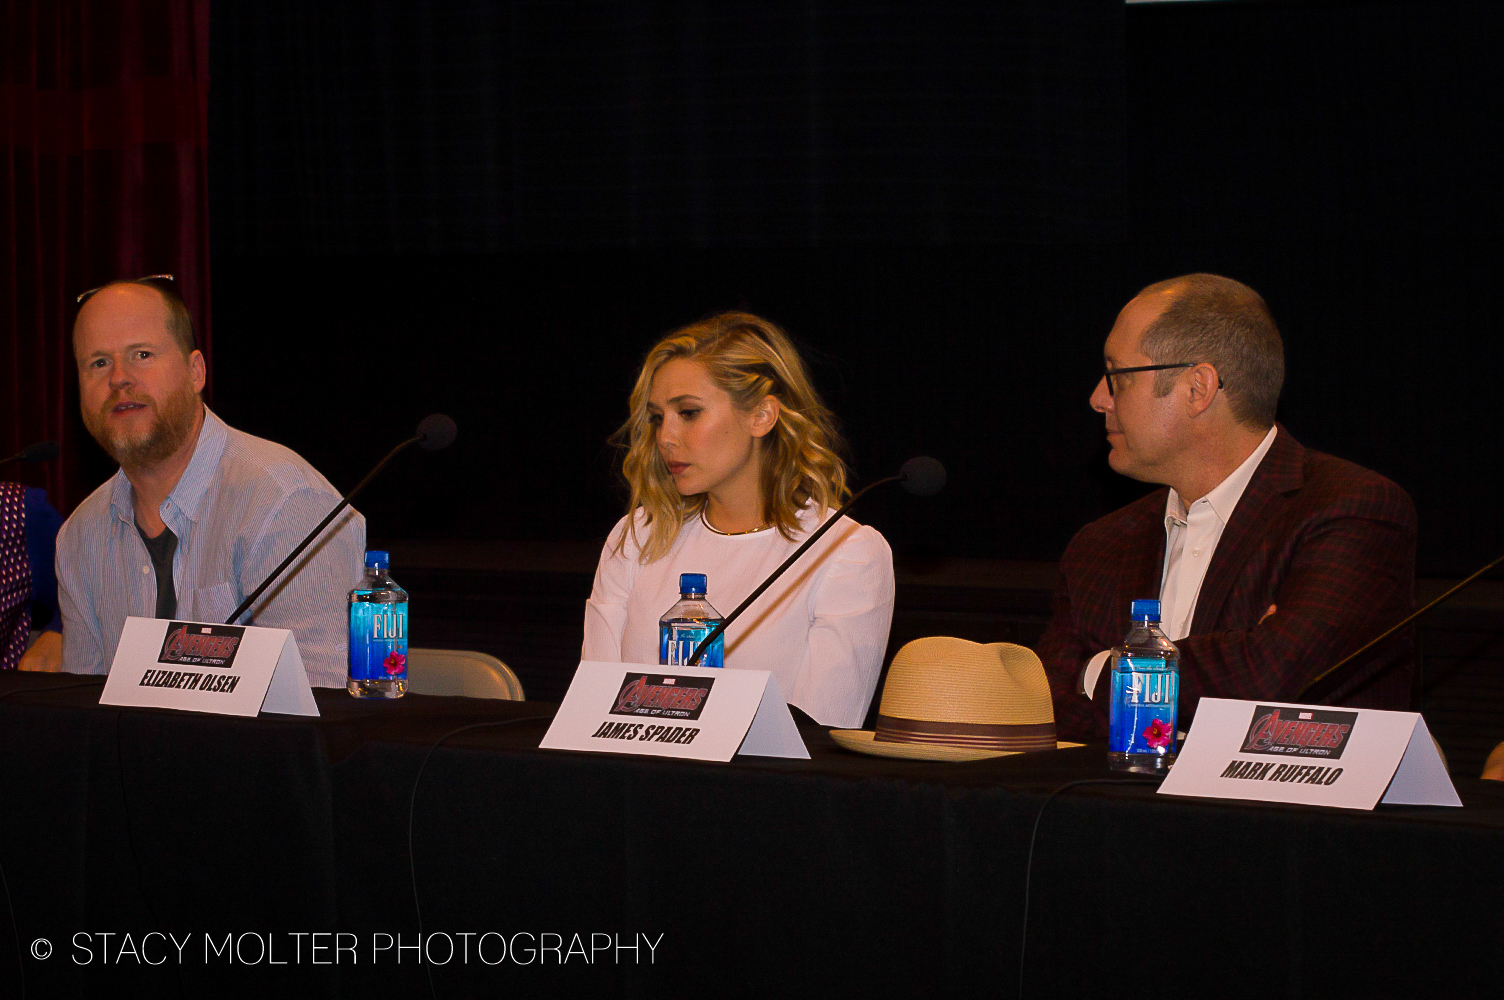 Joss Whedon, Elizabeth Olsen, James Spader - Avengers Age of Ultron Press Conference Junket